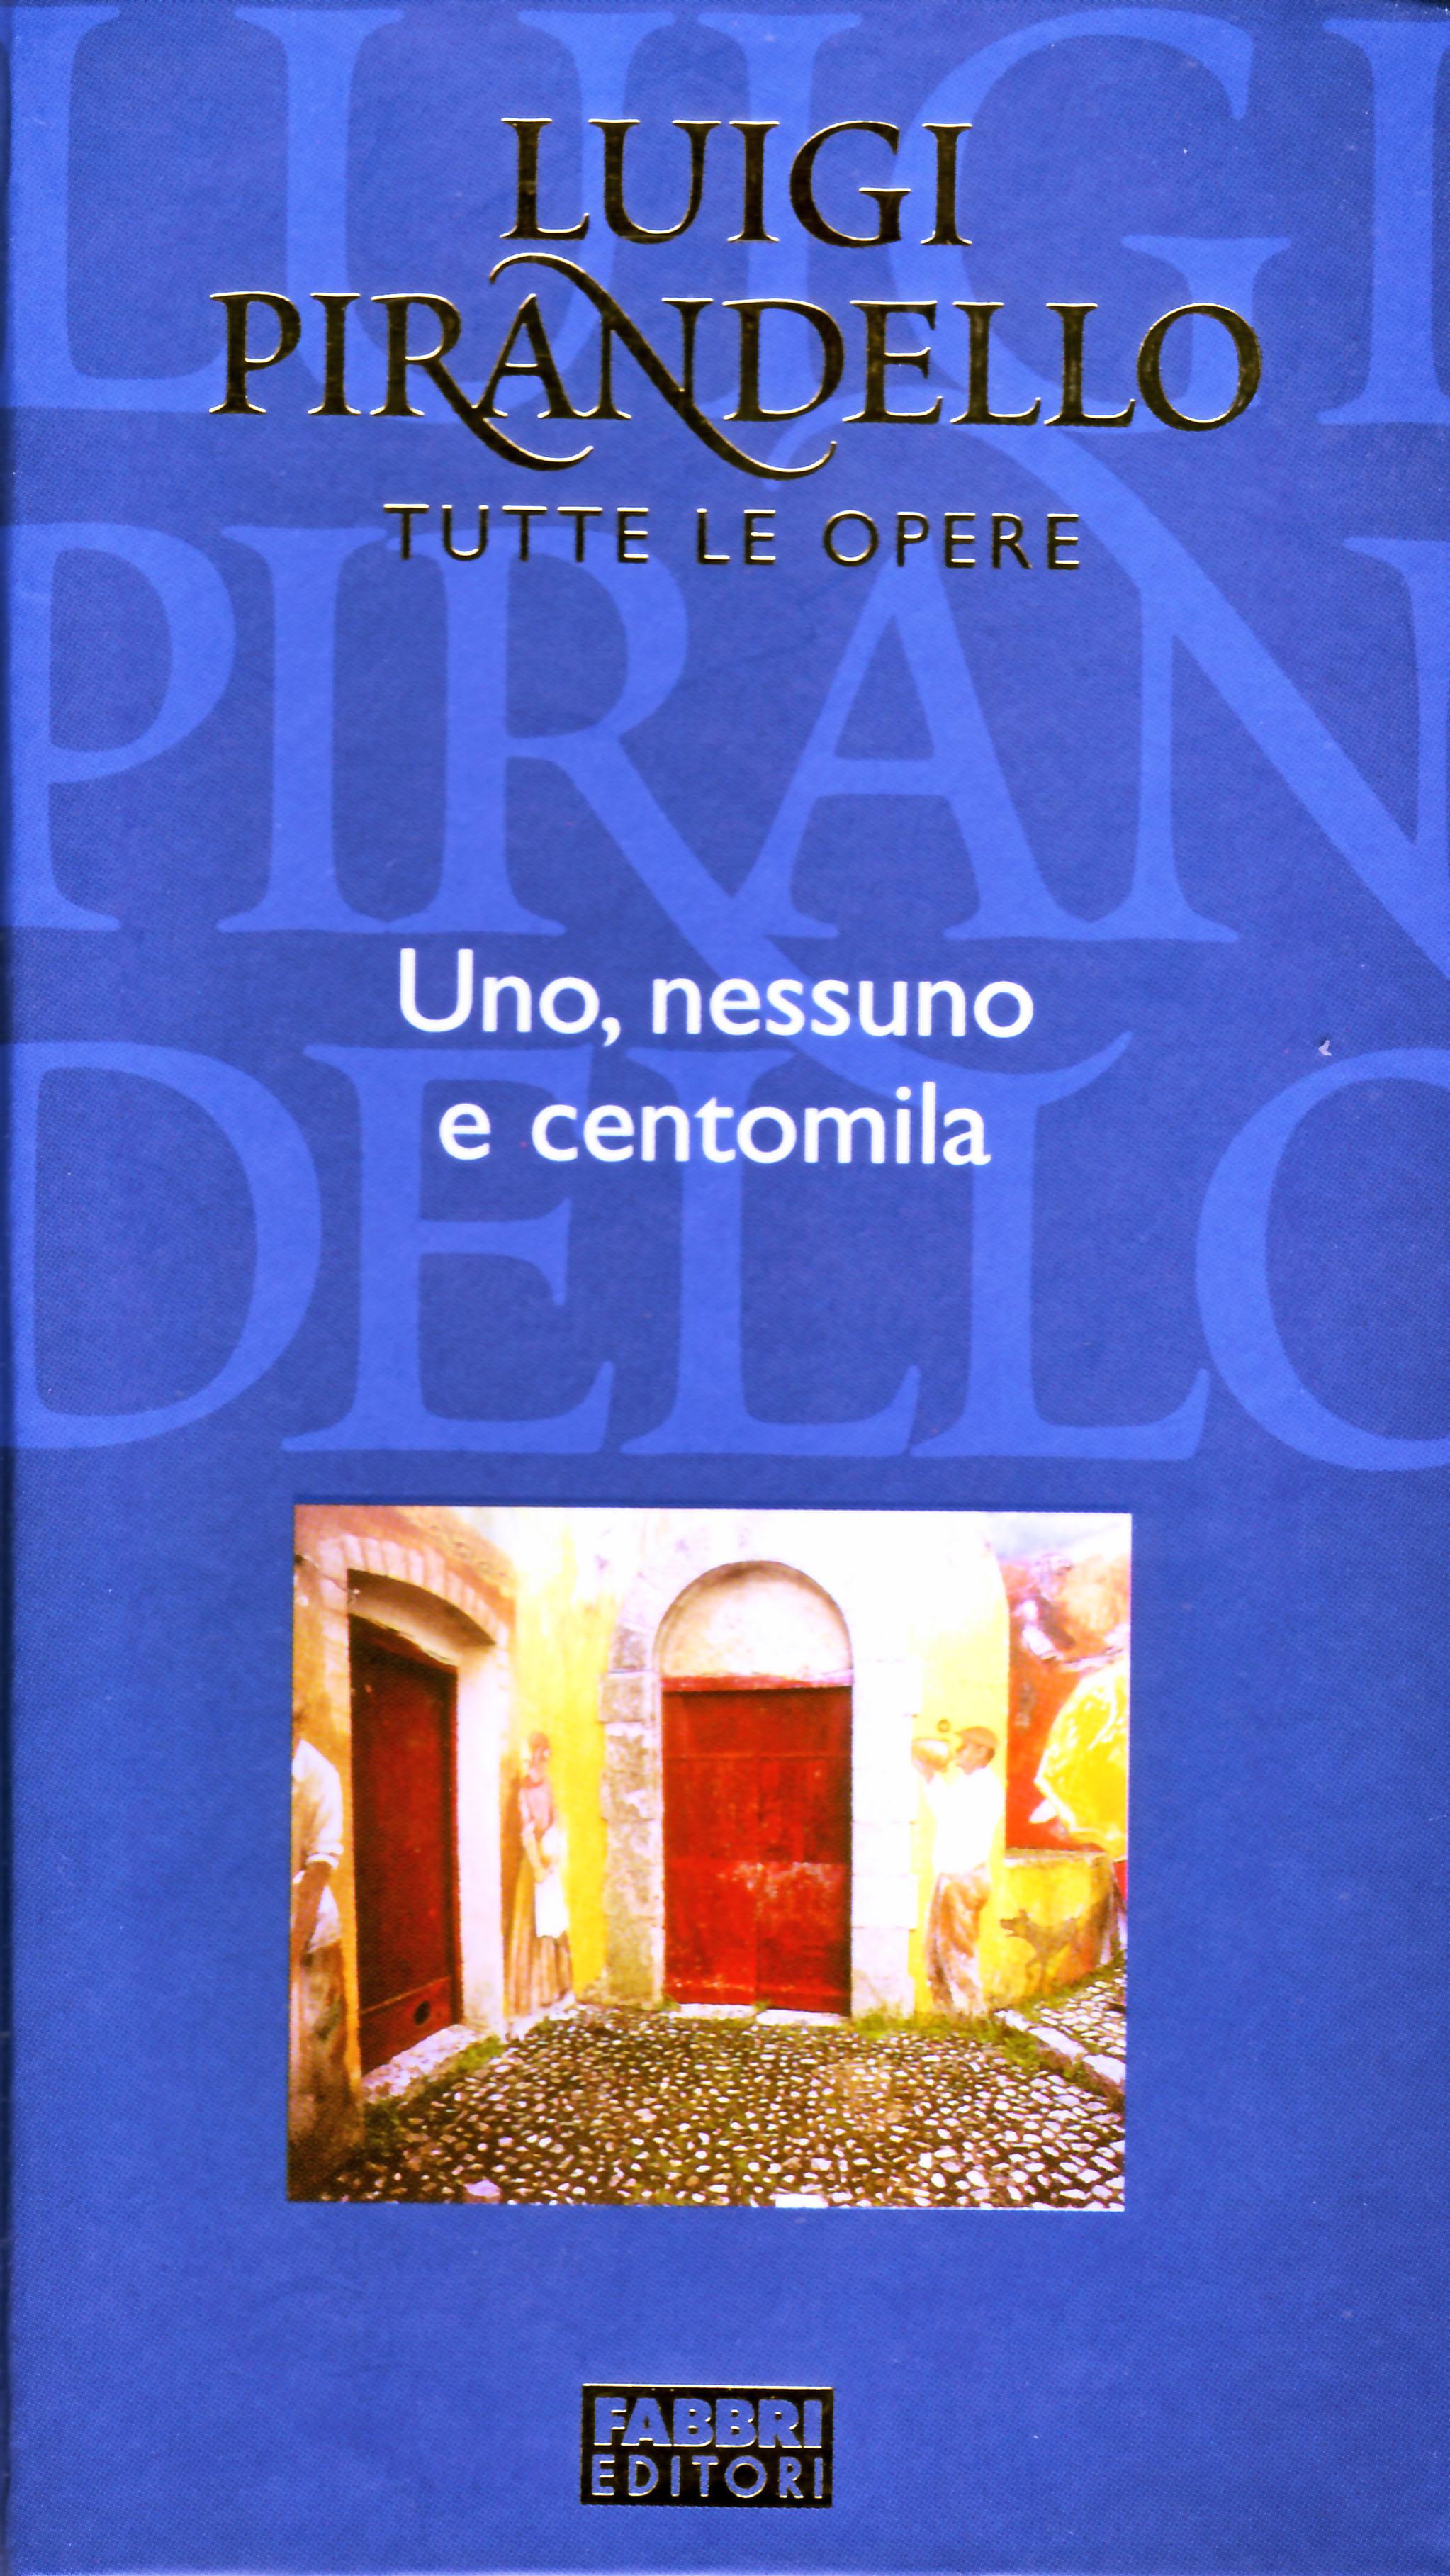 Luigi Pirandello - Tutte le opere